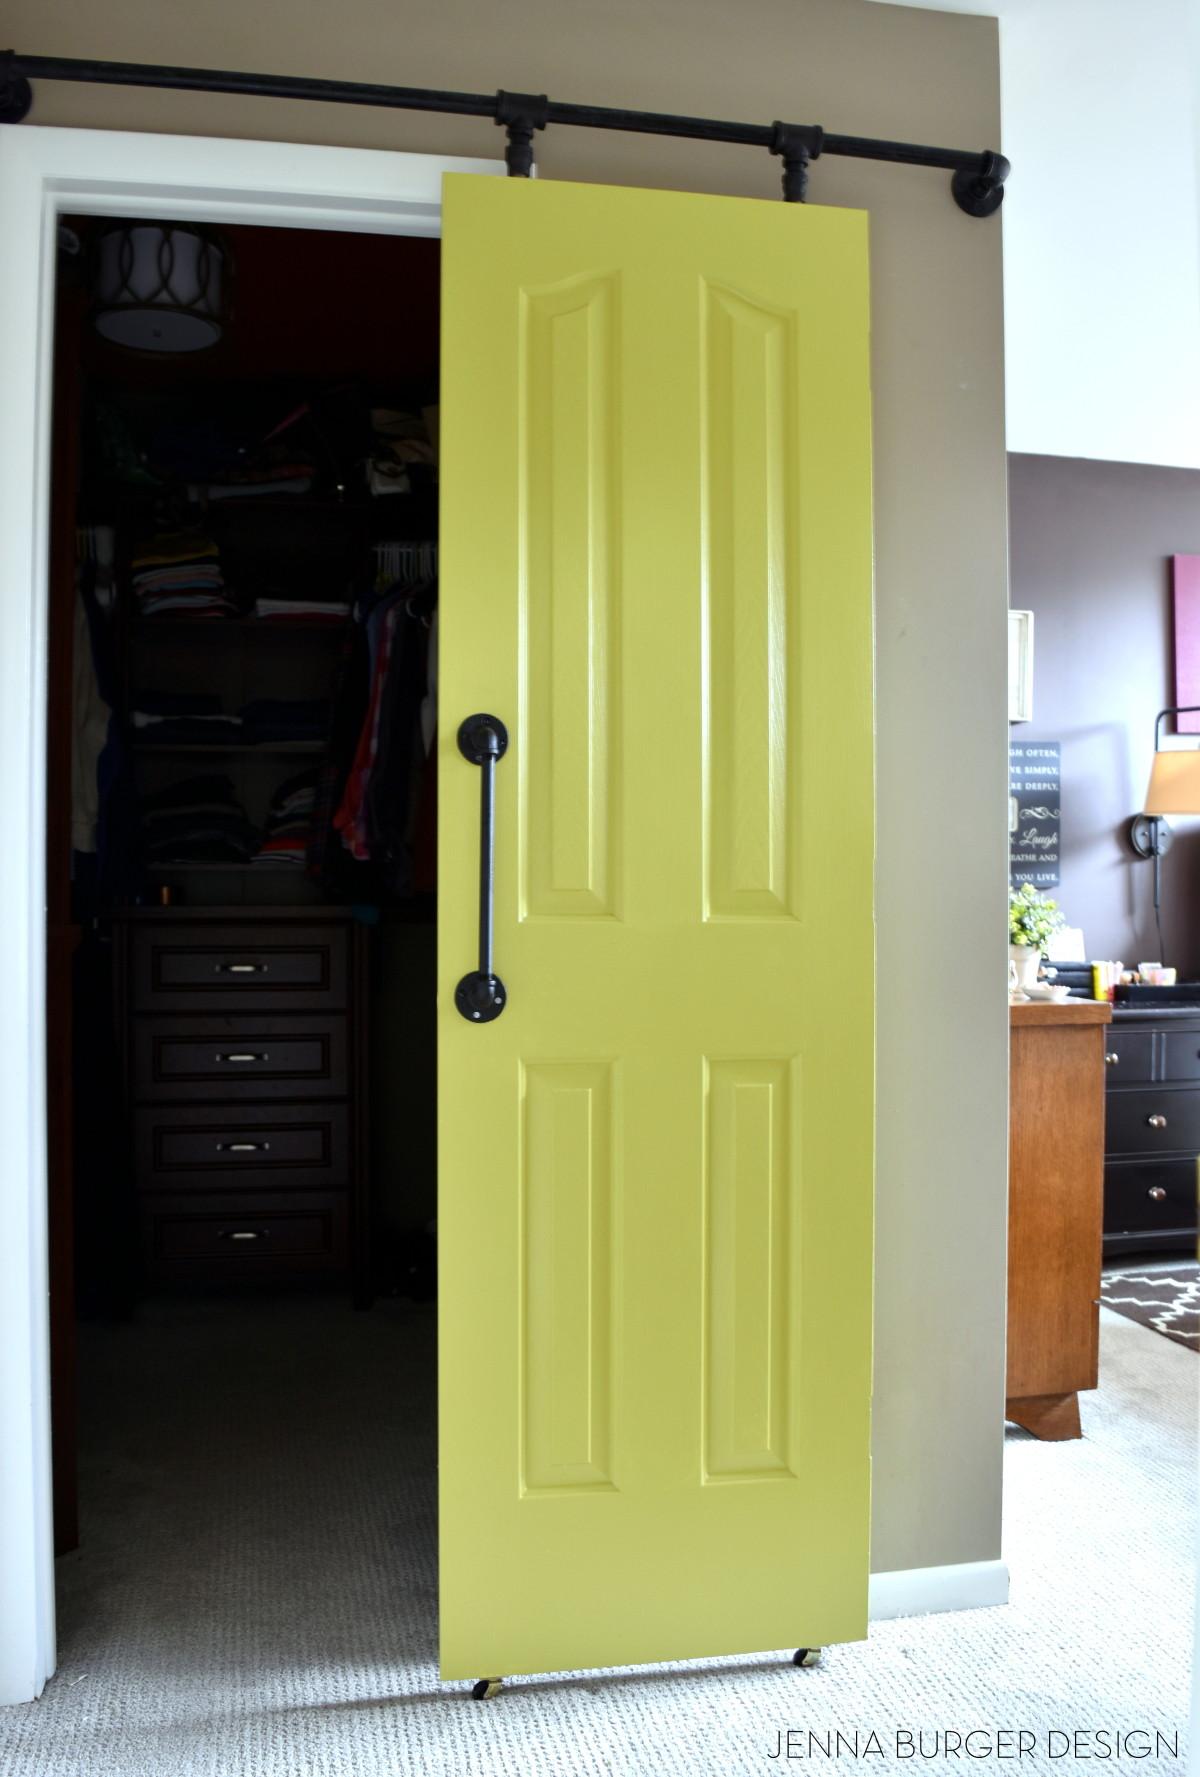 Diy Rolling Door Hardware Using Plumbing Pipe Jenna Burger